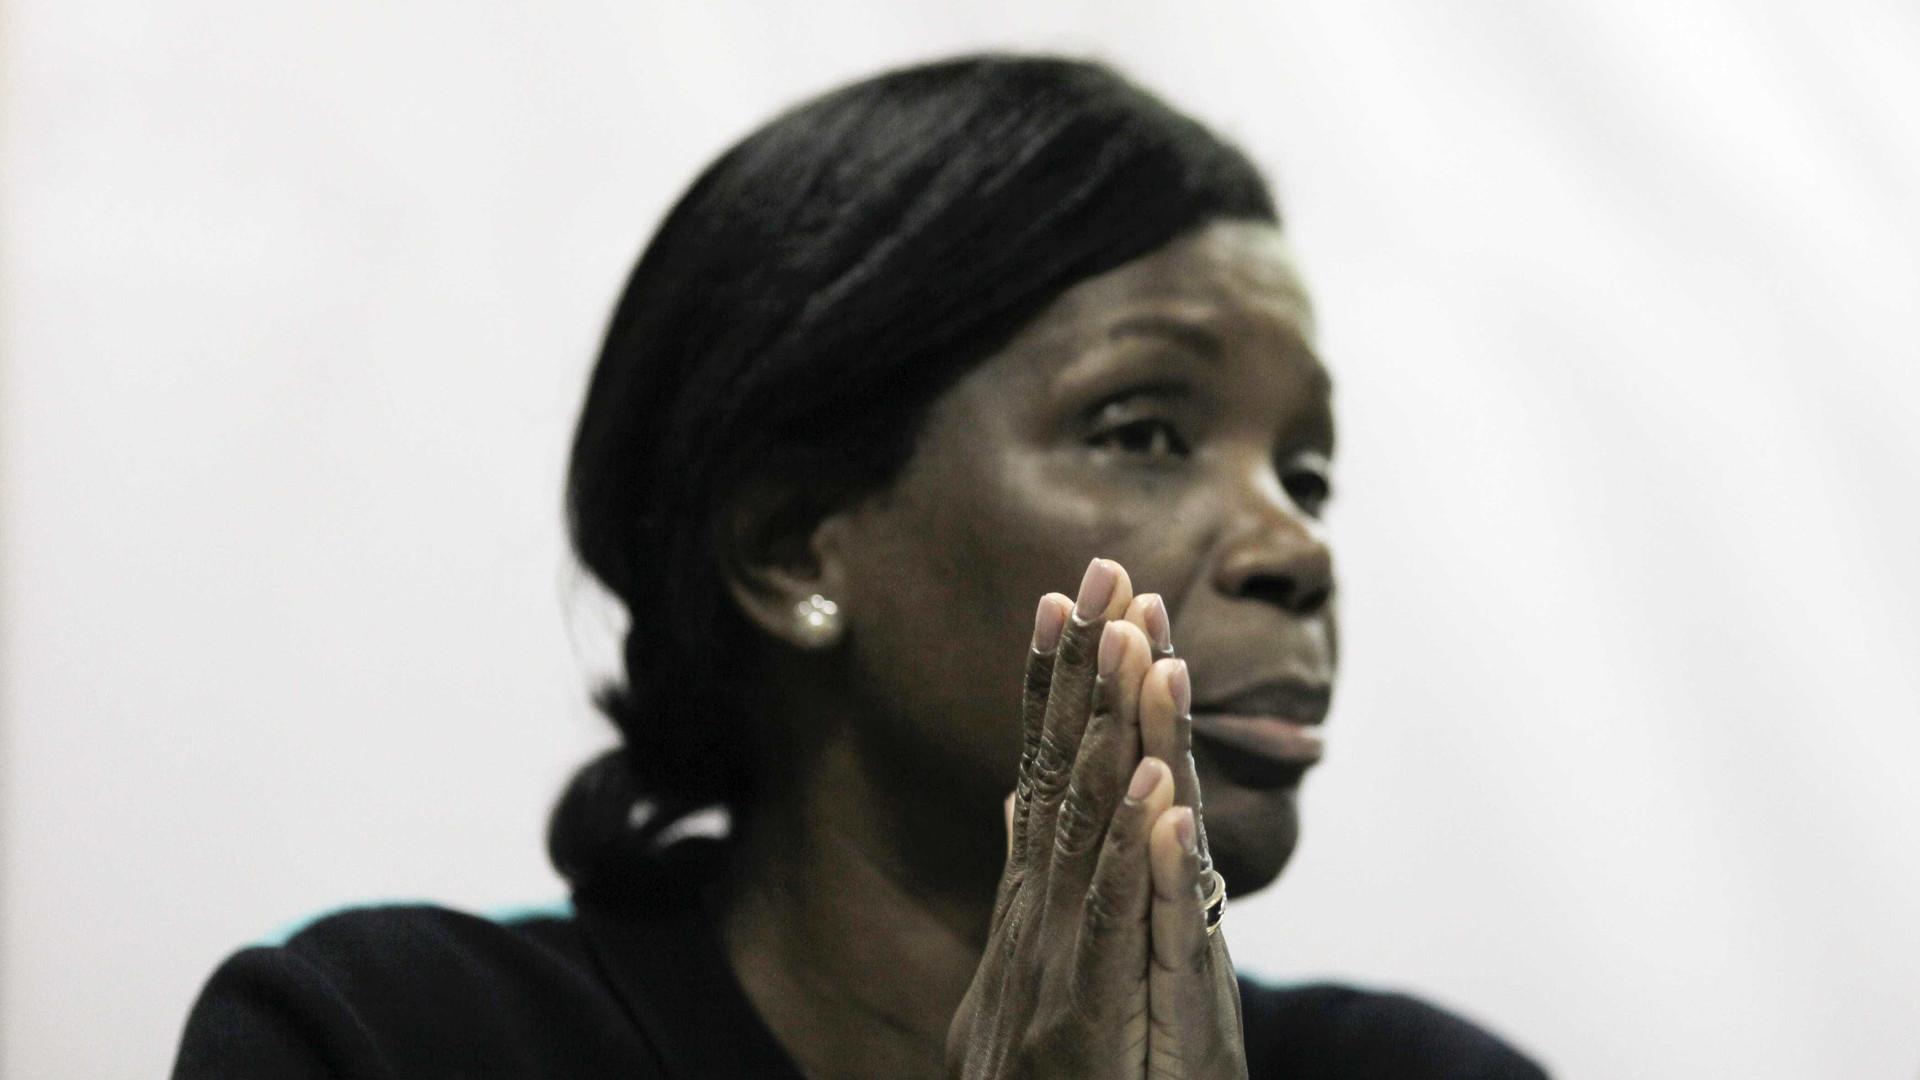 Guardas prisionais: Ministra explica em fevereiro eventual outsourcing